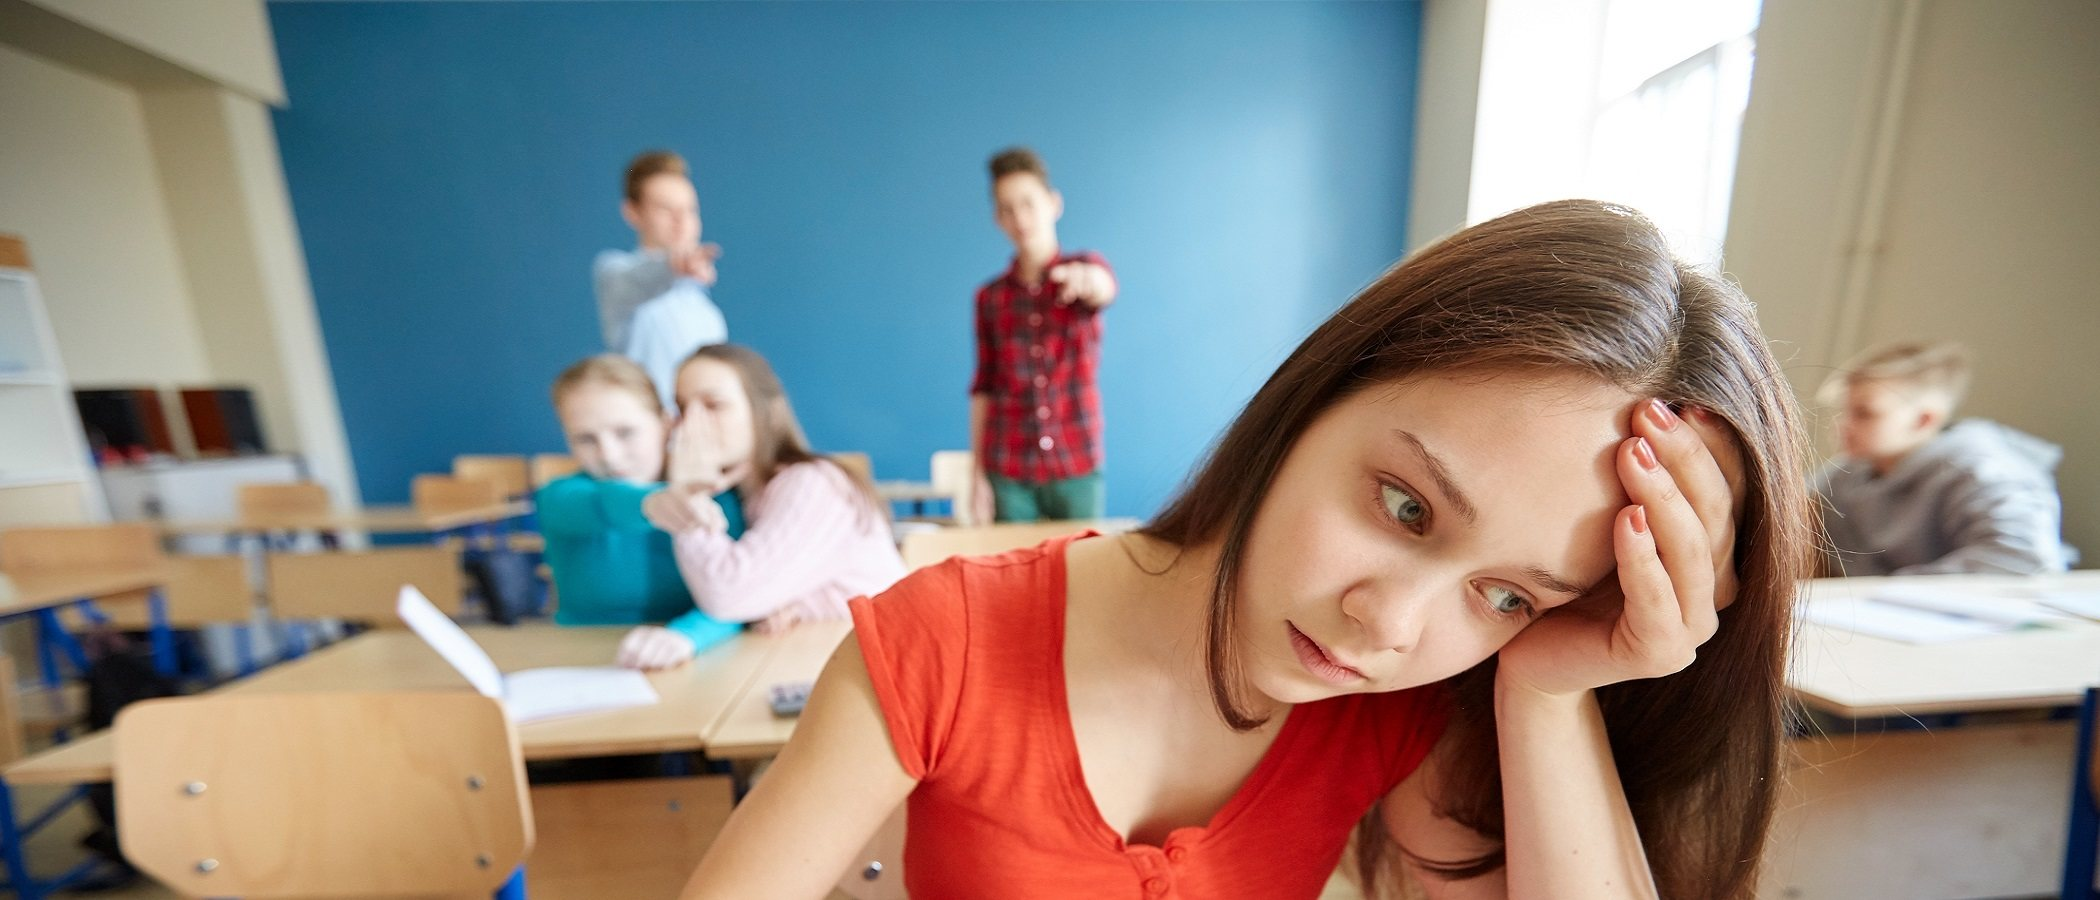 Qué hacer si en la escuela minimizan el acoso escolar